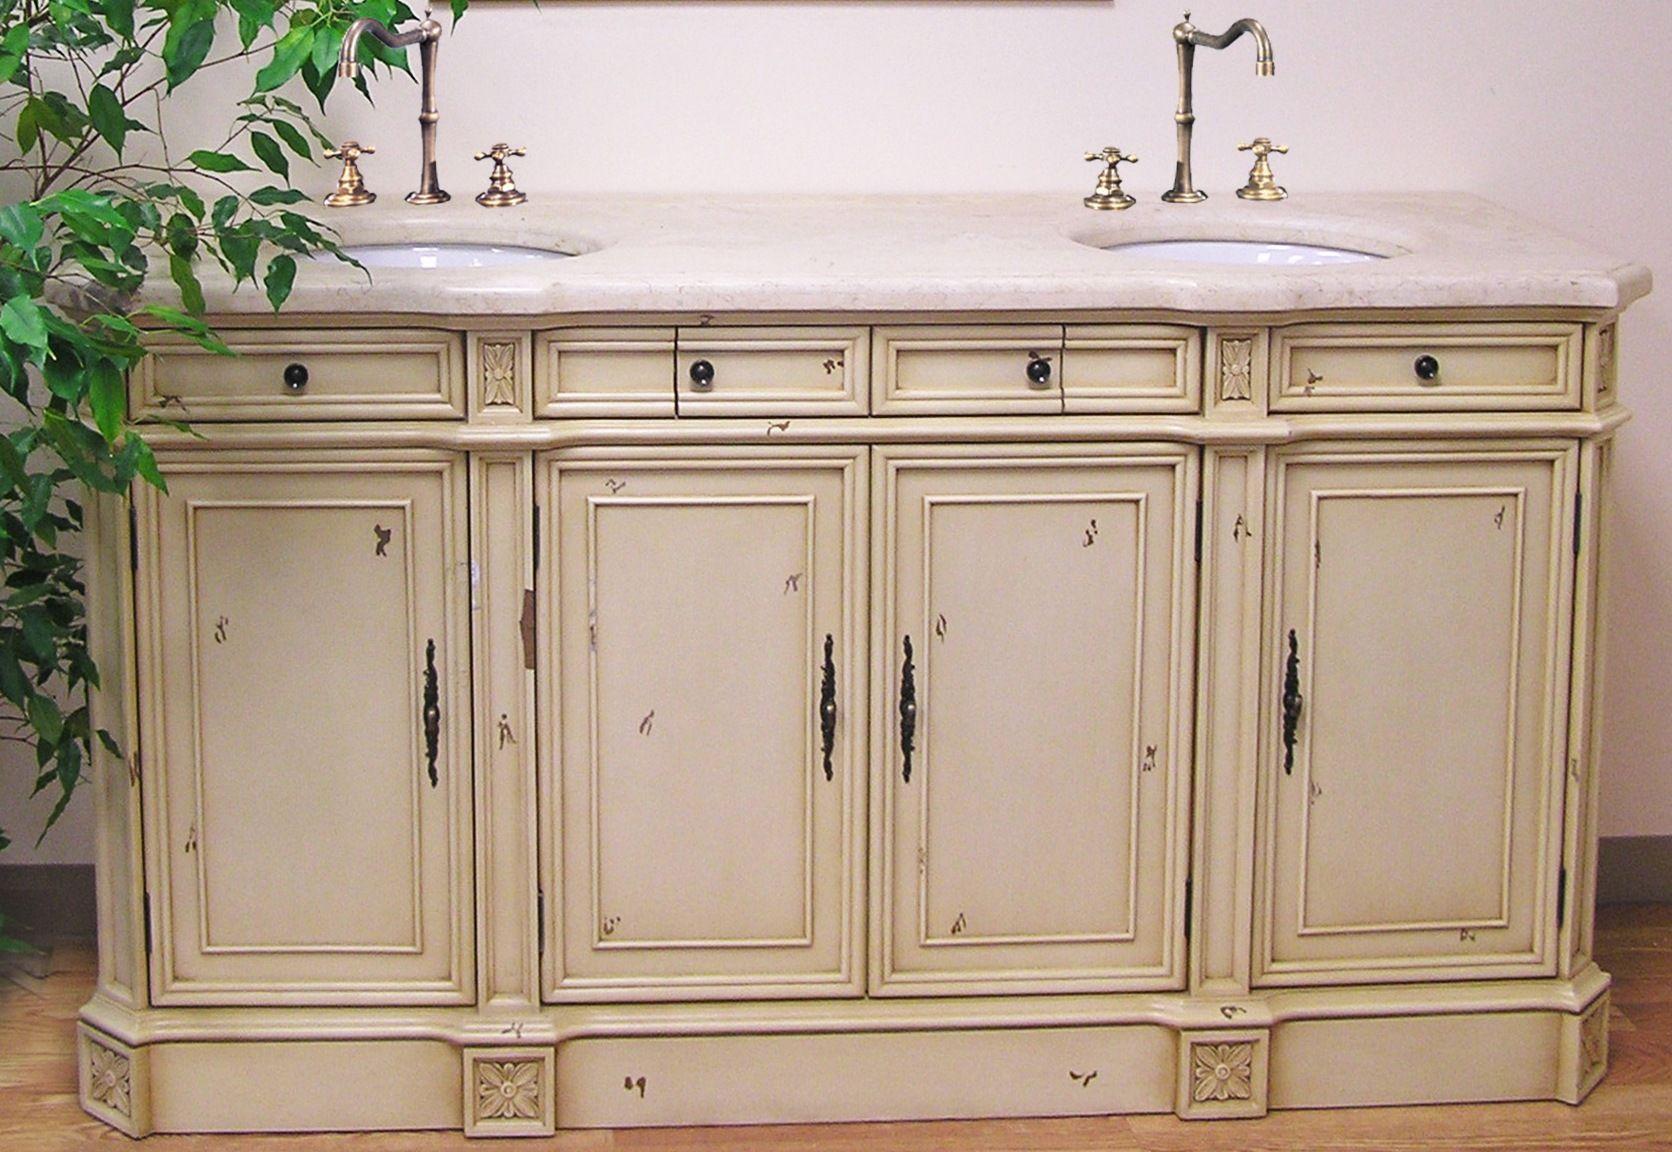 Double Vanity In Ebony Finish W Slat Shelf 2 Drawers 2 Sinks Buy Bathroom Fu White Double Sink Bathroom Vanity Double Sink Bathroom Vanity Slatted Shelves